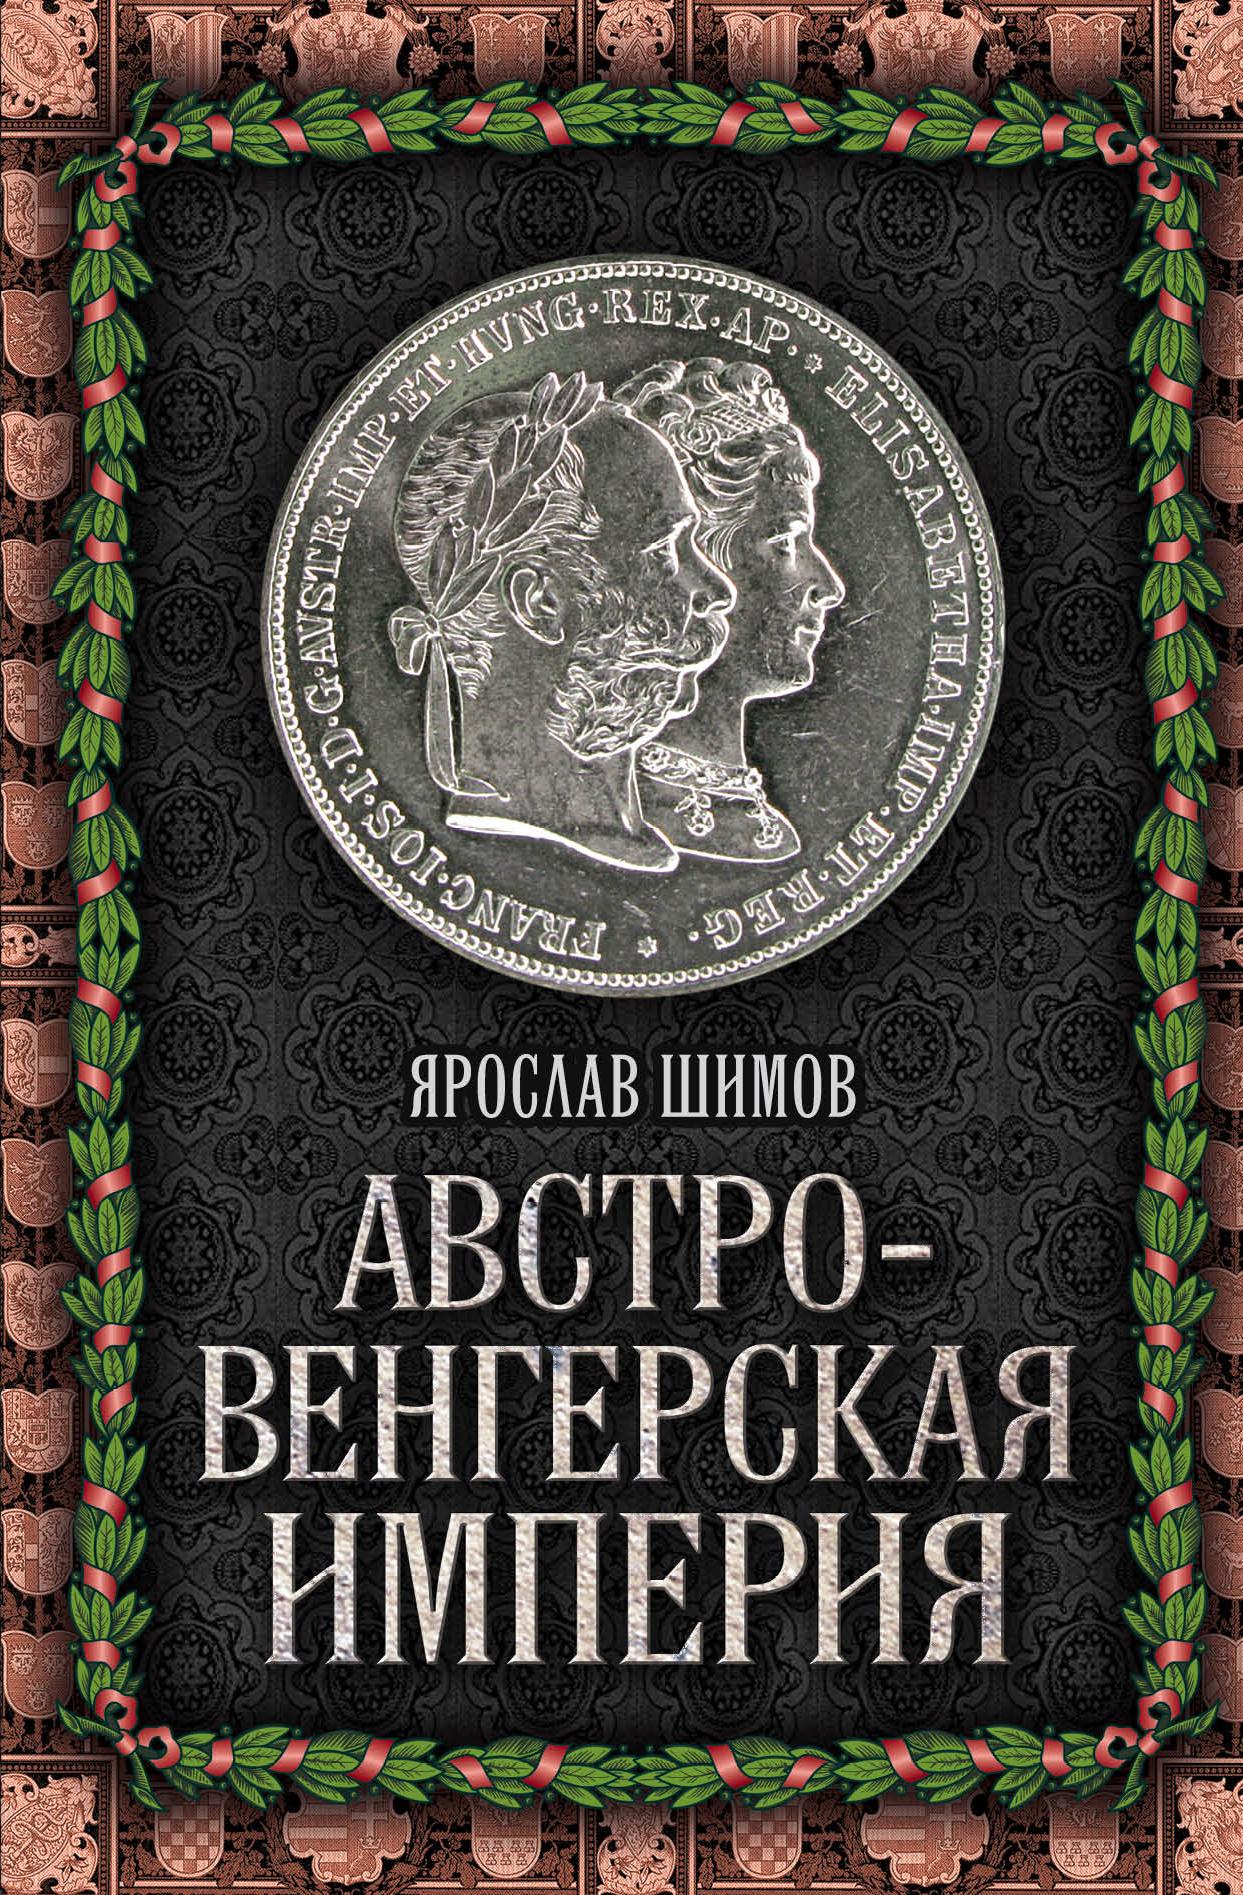 Австро-Венгерская империя от book24.ru